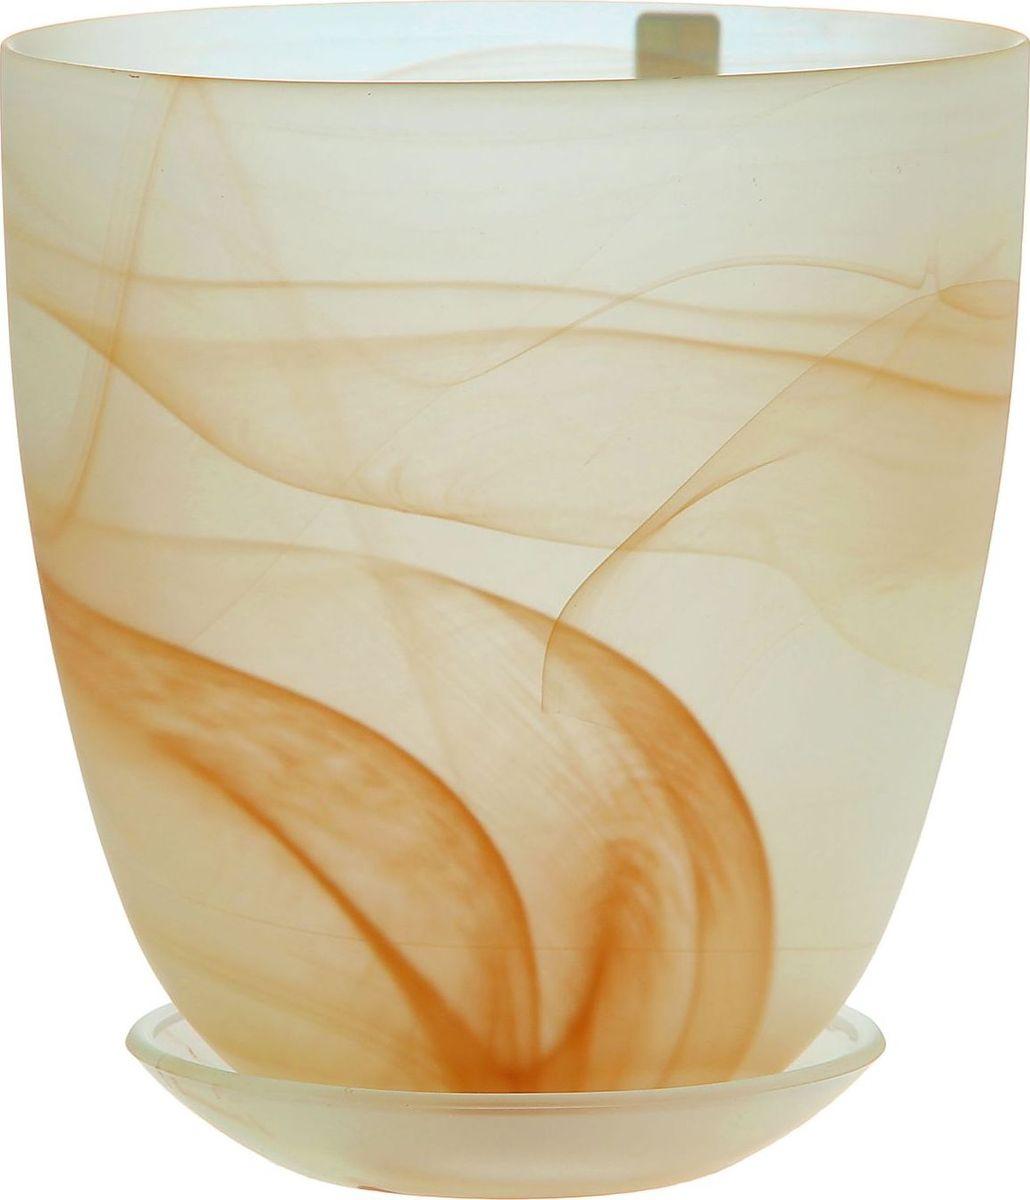 """Кашпо с поддоном NiNaGlass """"Гармония"""", выполненное из стекла, предназначено для выращивания декоративных растений, цветов и трав.  Комнатные растения - всеобщие любимцы. Они радуют глаз, насыщают помещение кислородом и украшают пространство. Каждому цветку необходим свой удобный и красивый дом.  Из-за прозрачности стекла такие декоративные кашпо пользуются большой популярностью для выращивания орхидей. Кашпо позаботится о растениях, освежит интерьер и подчеркнет его стиль."""